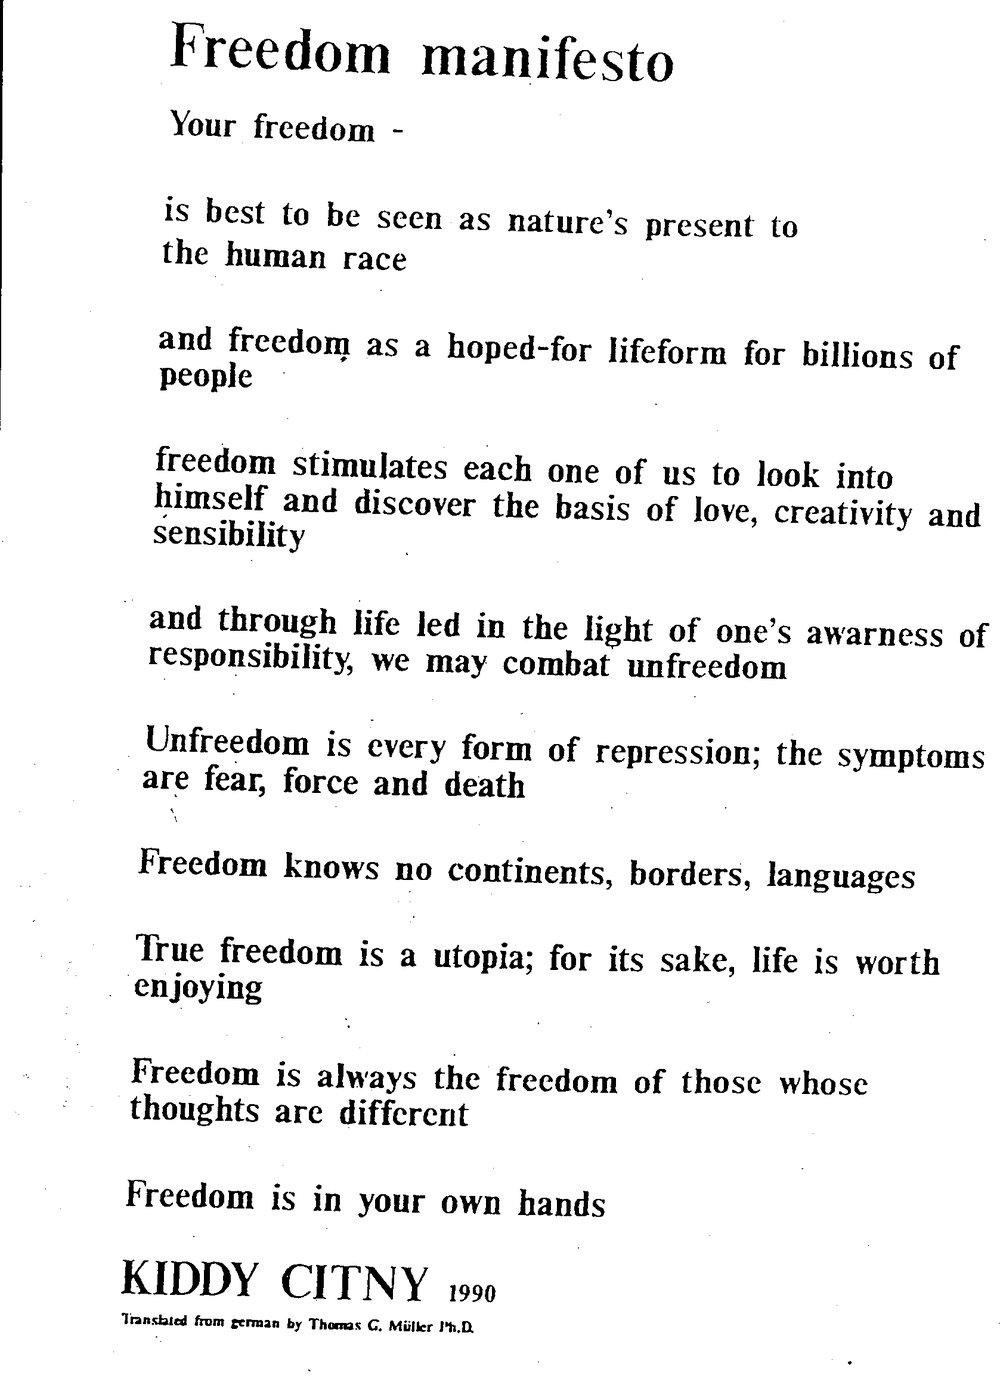 freedom_manifesto.jpg